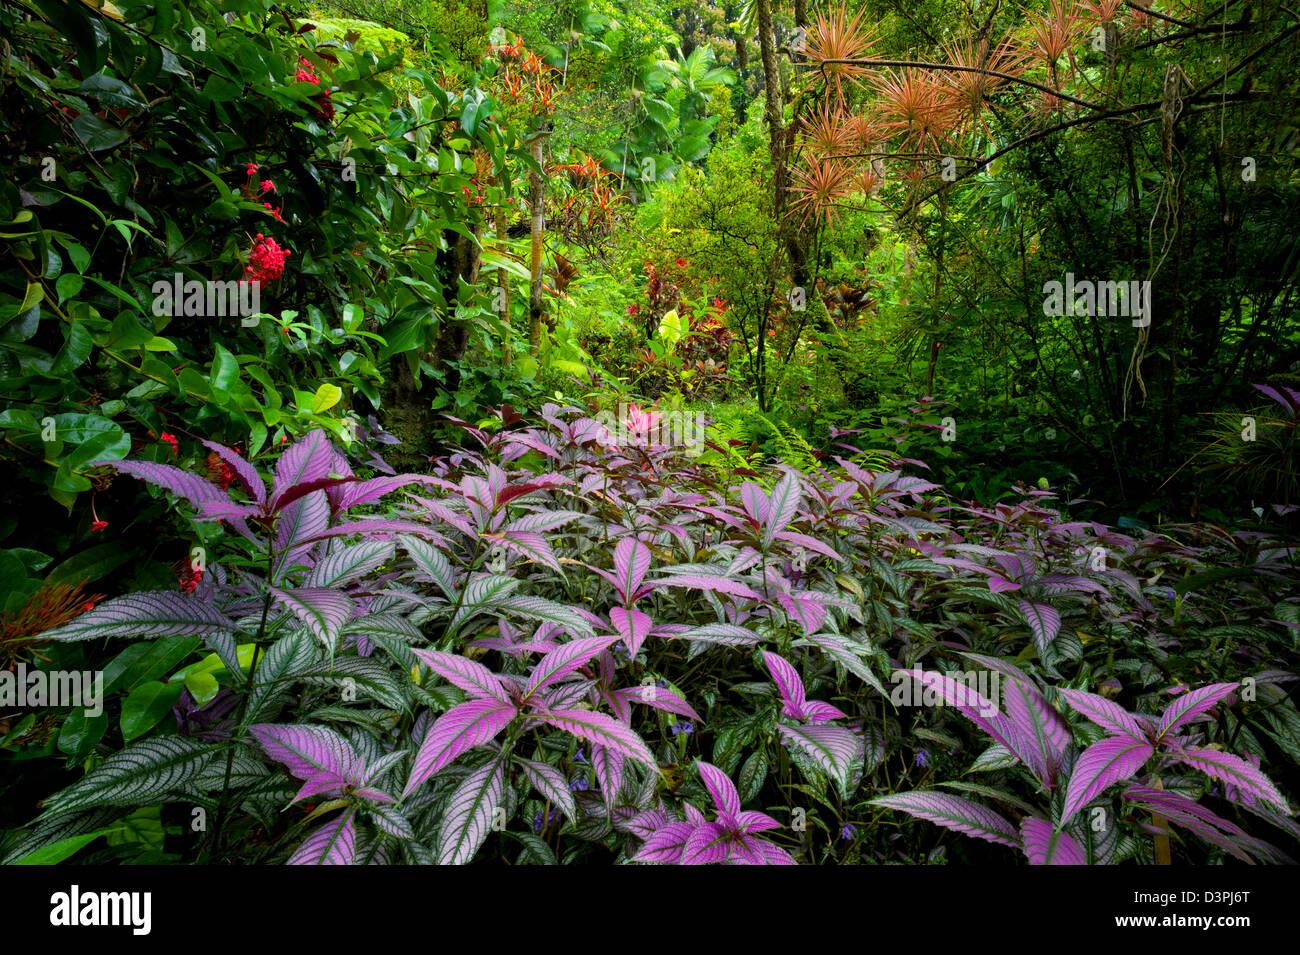 Lila persische Schild Pflanze im Vordergrund und Regenwald. Hawaii Tropical Botanical Gardens. Hawaii, Big Island. Stockbild